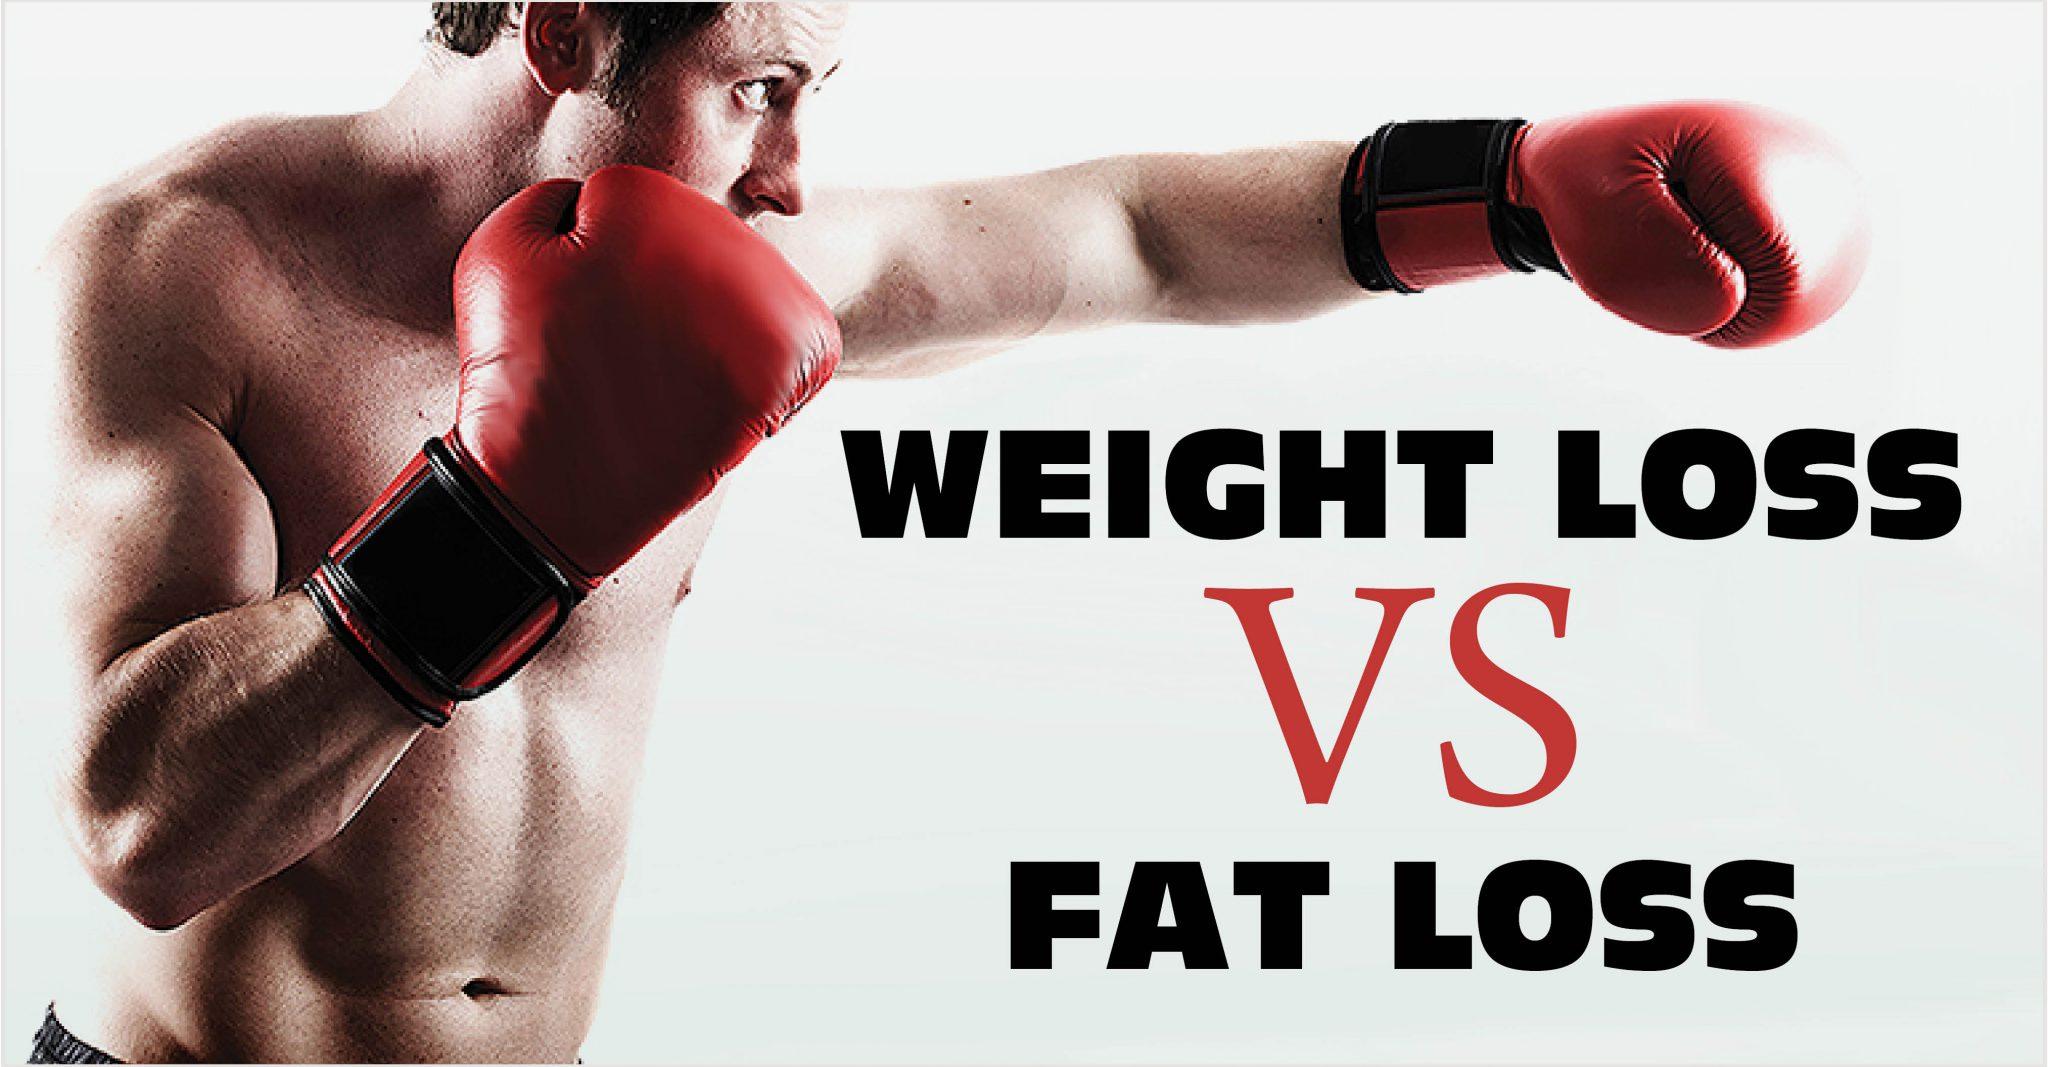 scădere maximă în greutate în 10 săptămâni arzător de grăsimi g7